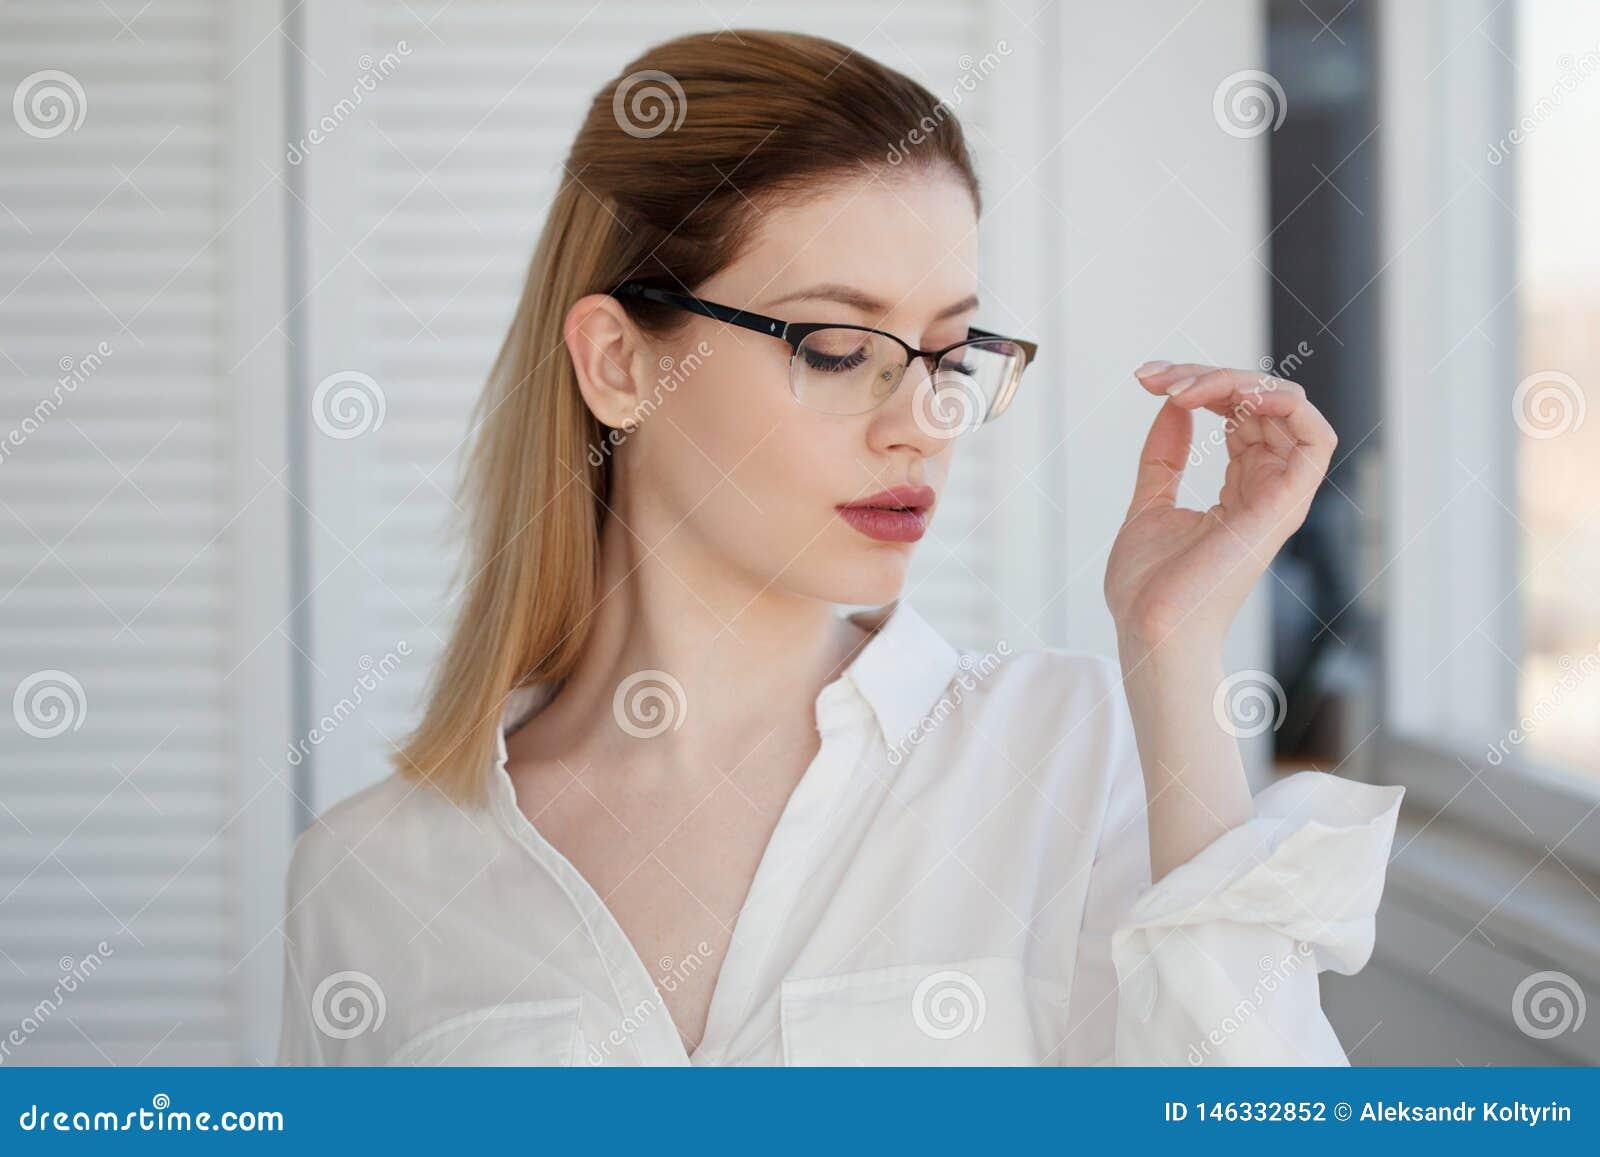 E Portret van een jonge vrouw